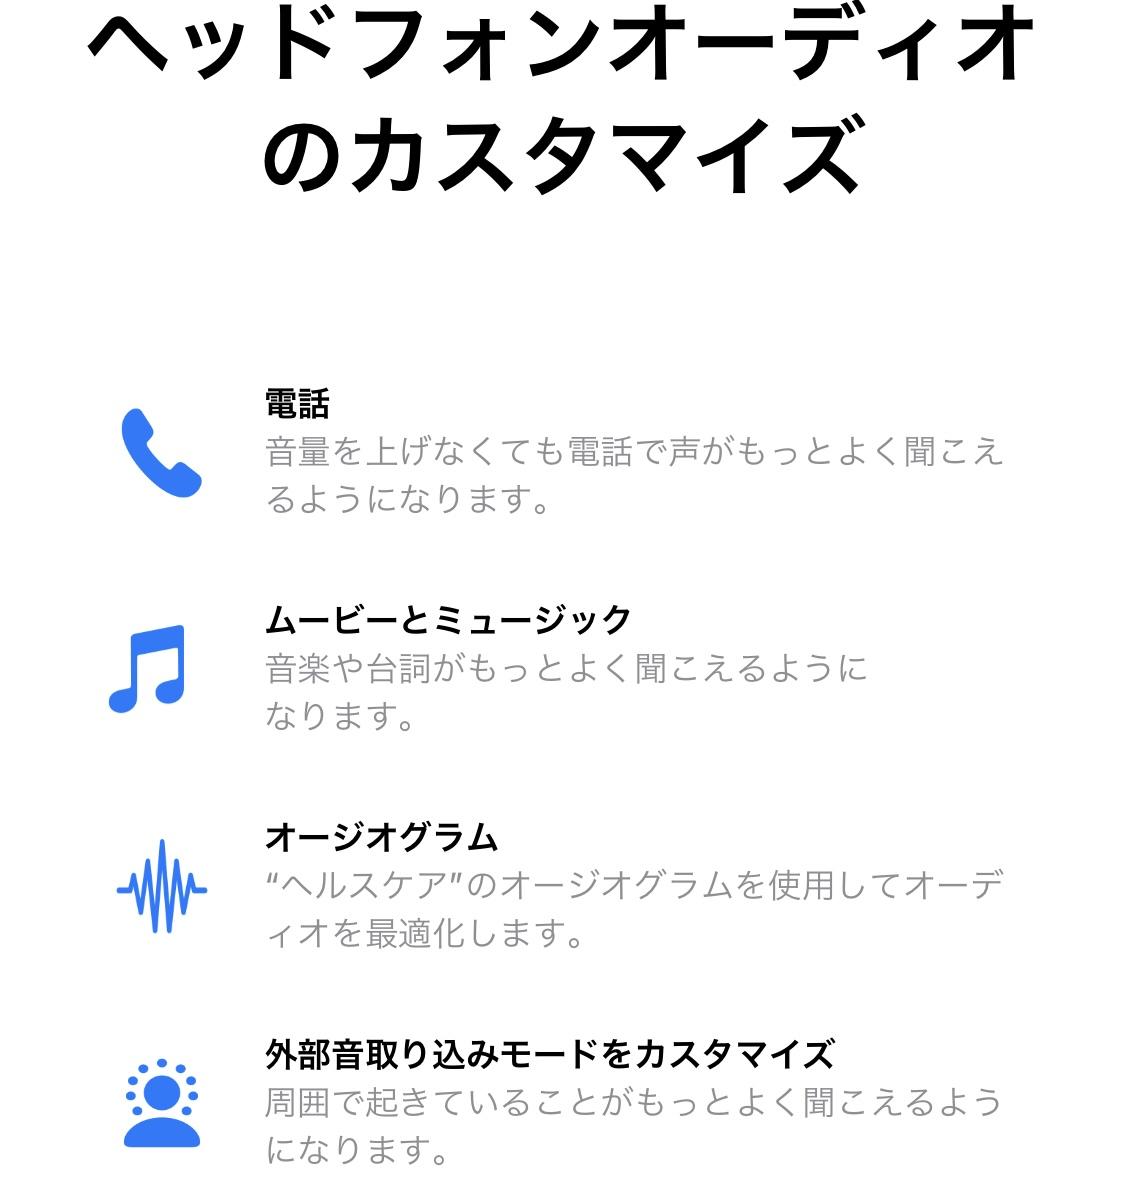 オーディオのカスタマイズ画面